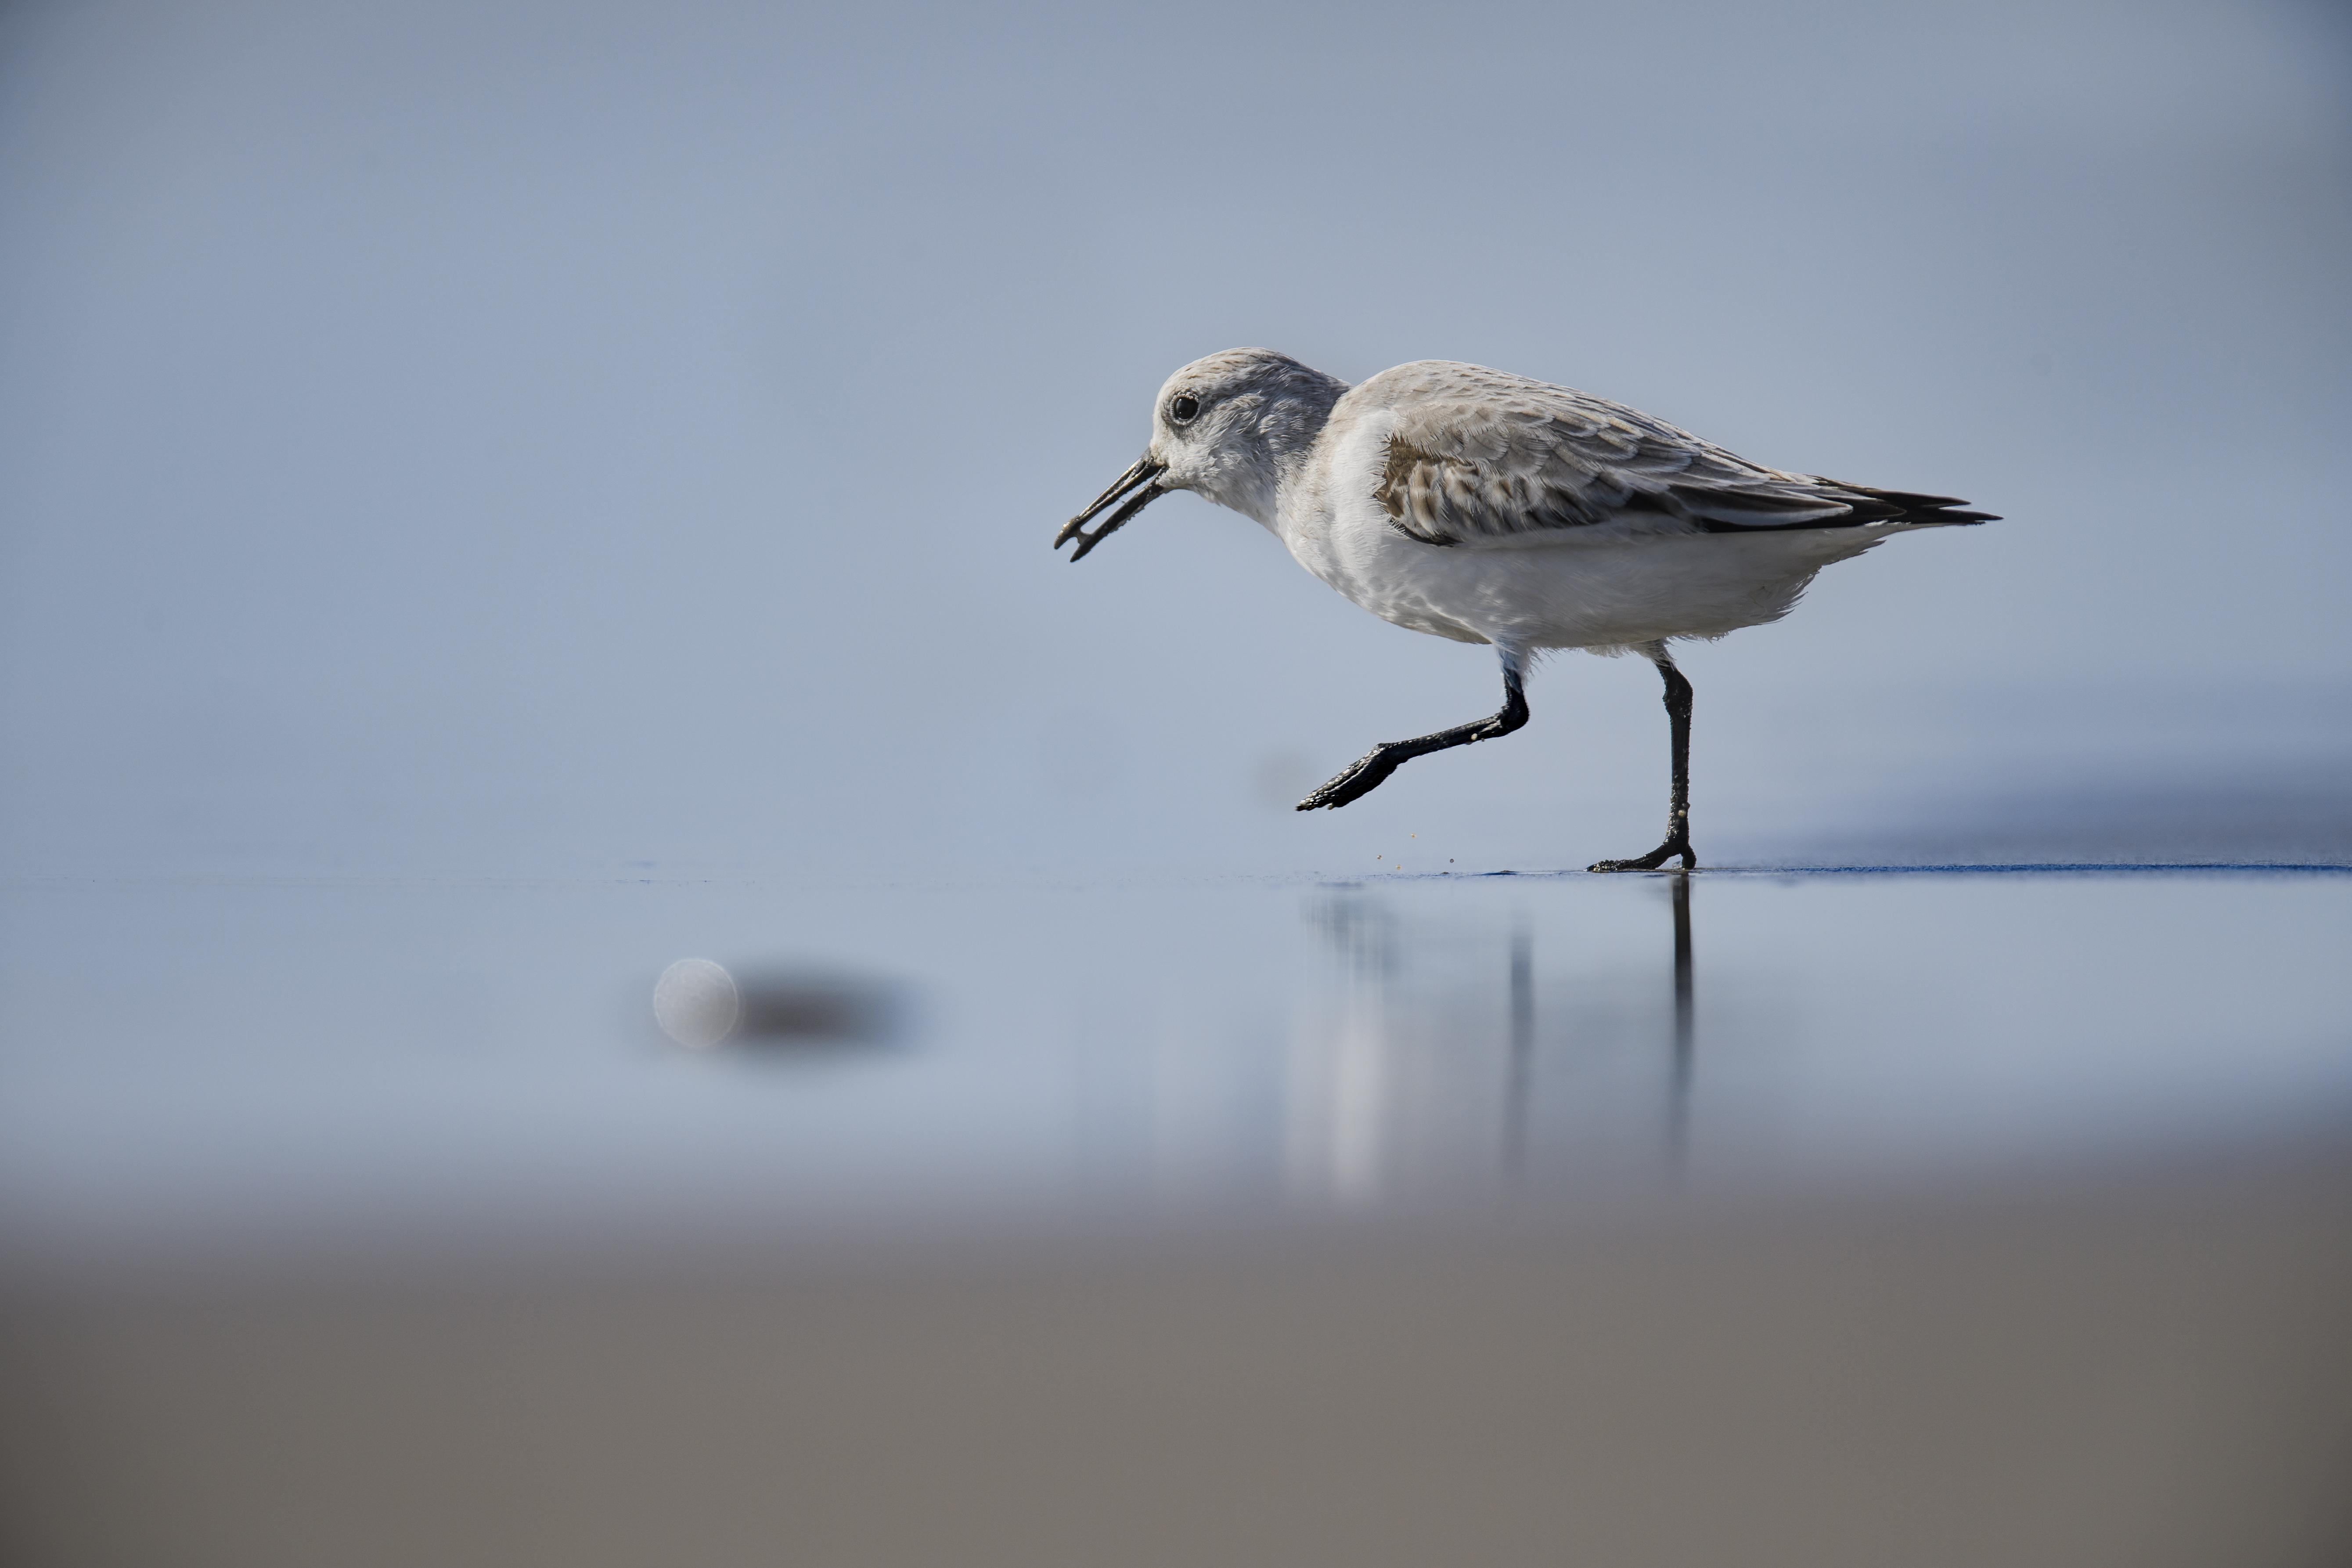 sanderling marching.jpg